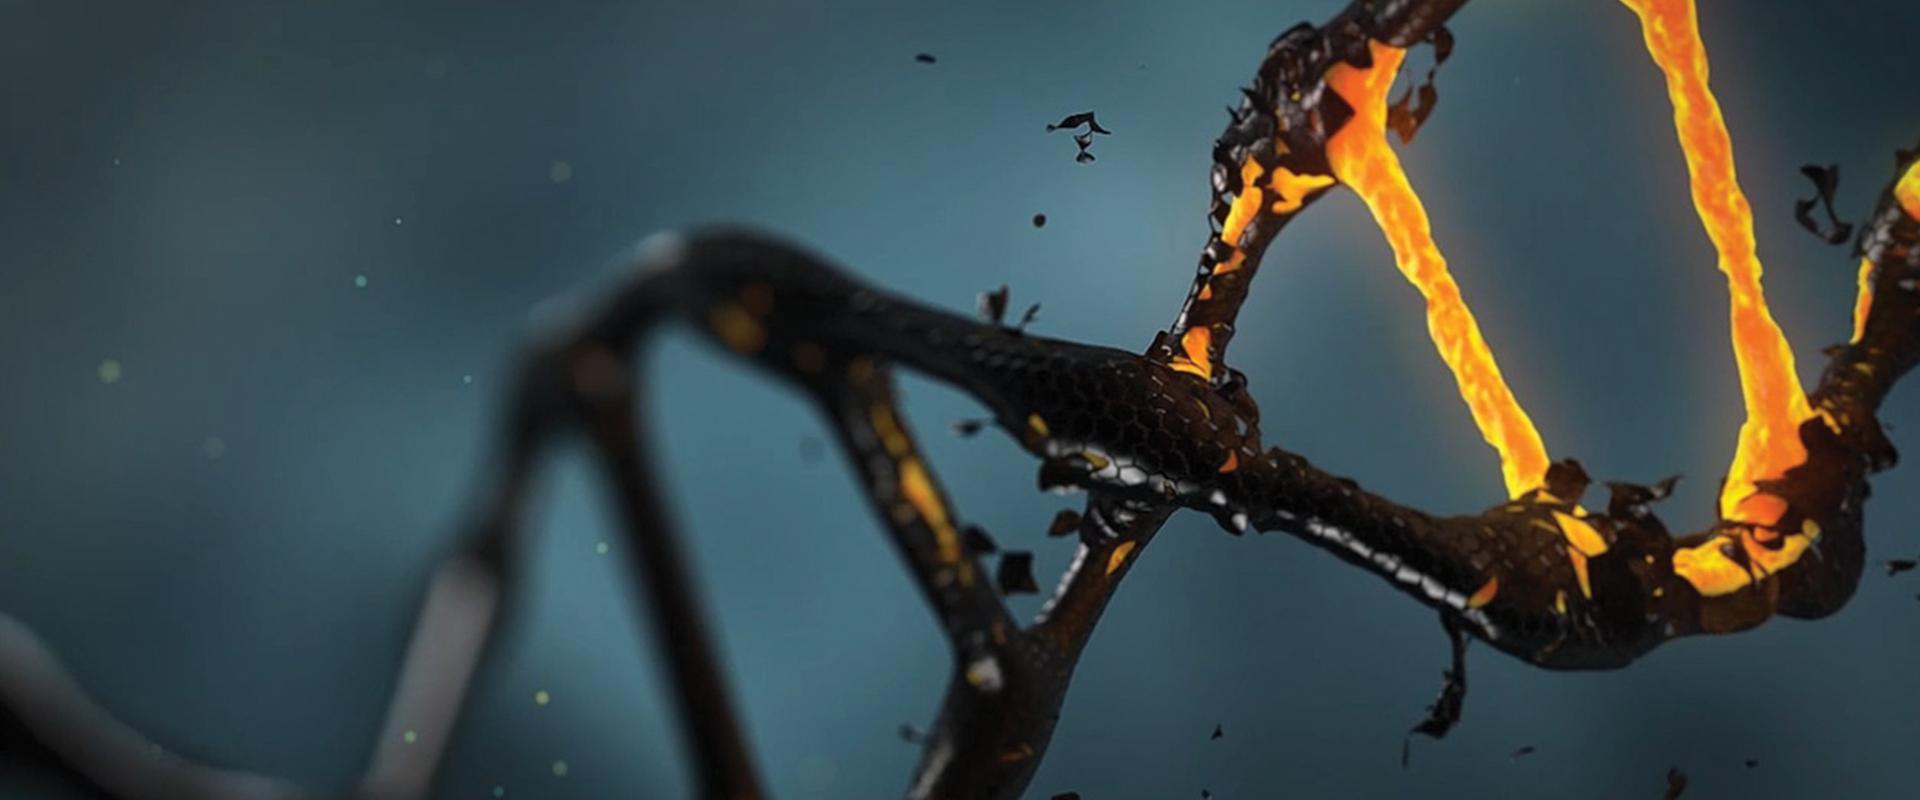 DNA strand shedding black goop